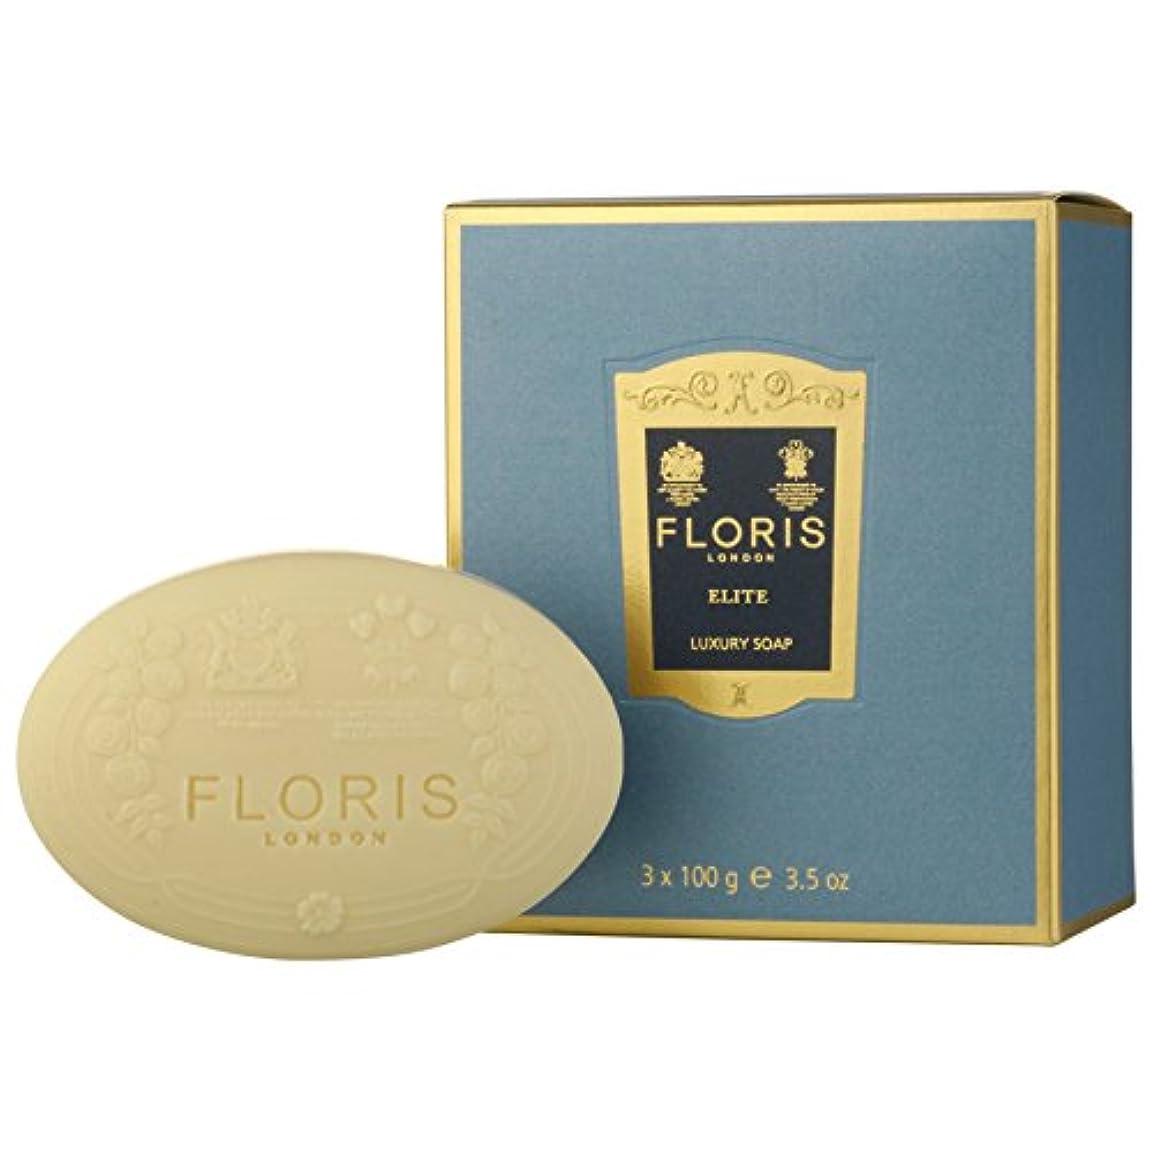 ホーム船酔い歩き回る[Floris ] フロリスエリート高級ソープ3×100グラム - Floris Elite Luxury Soap 3 x 100g [並行輸入品]